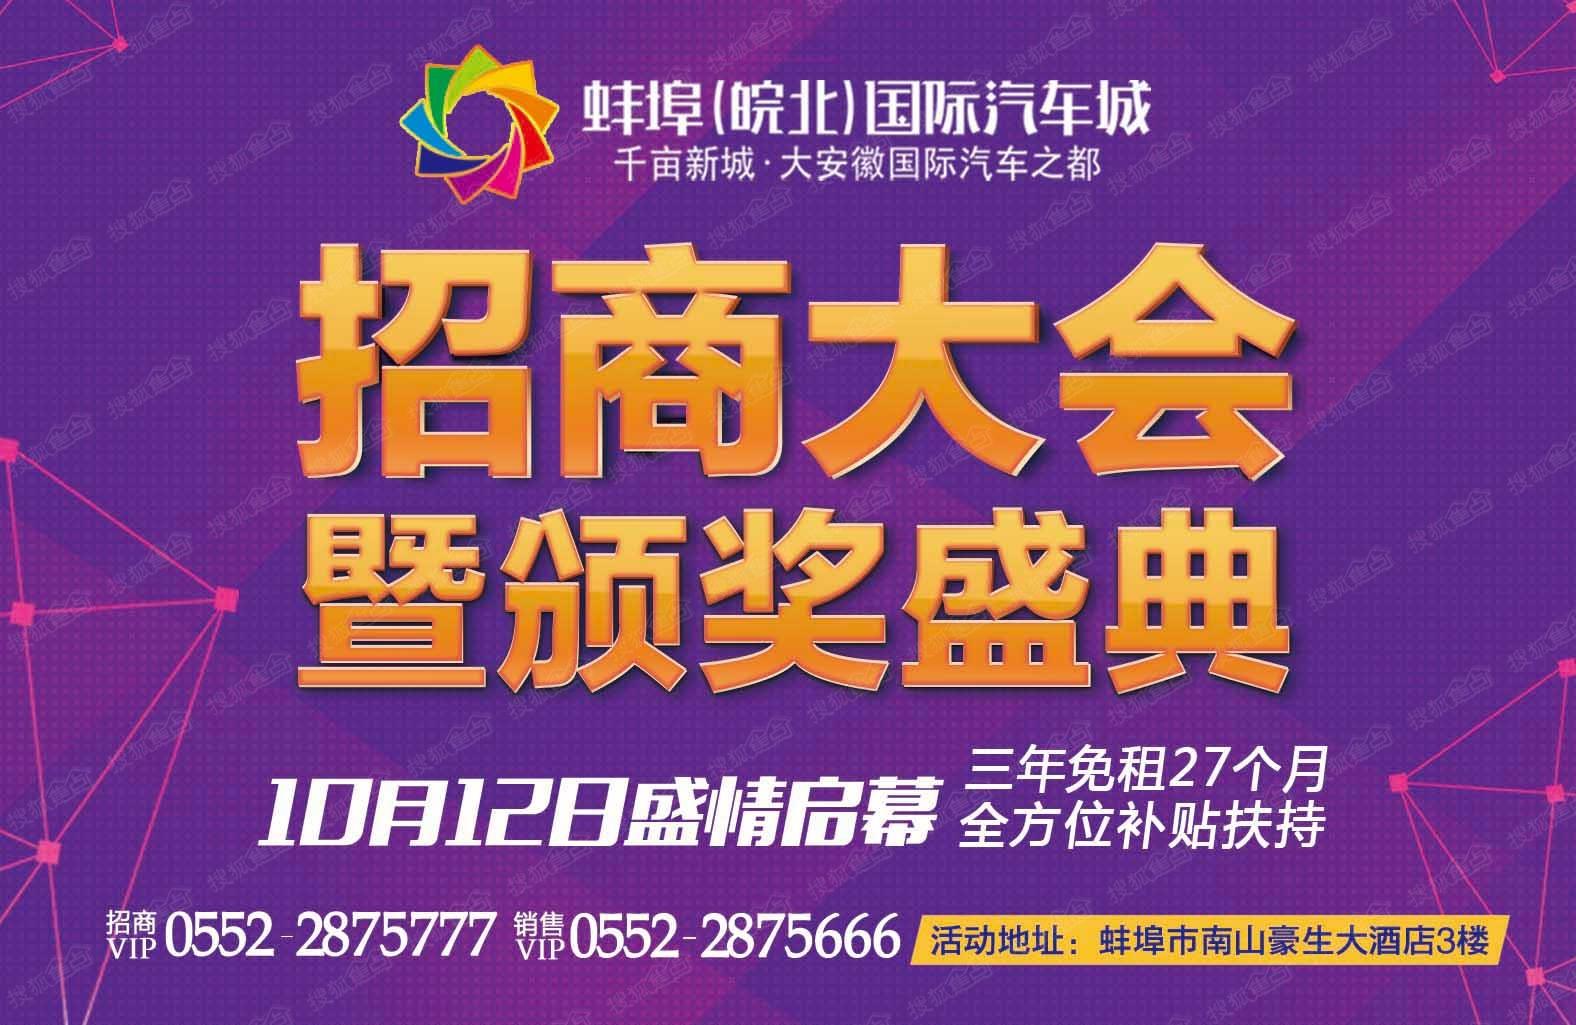 蚌埠(皖北)国际汽车城招商大会盛大启幕